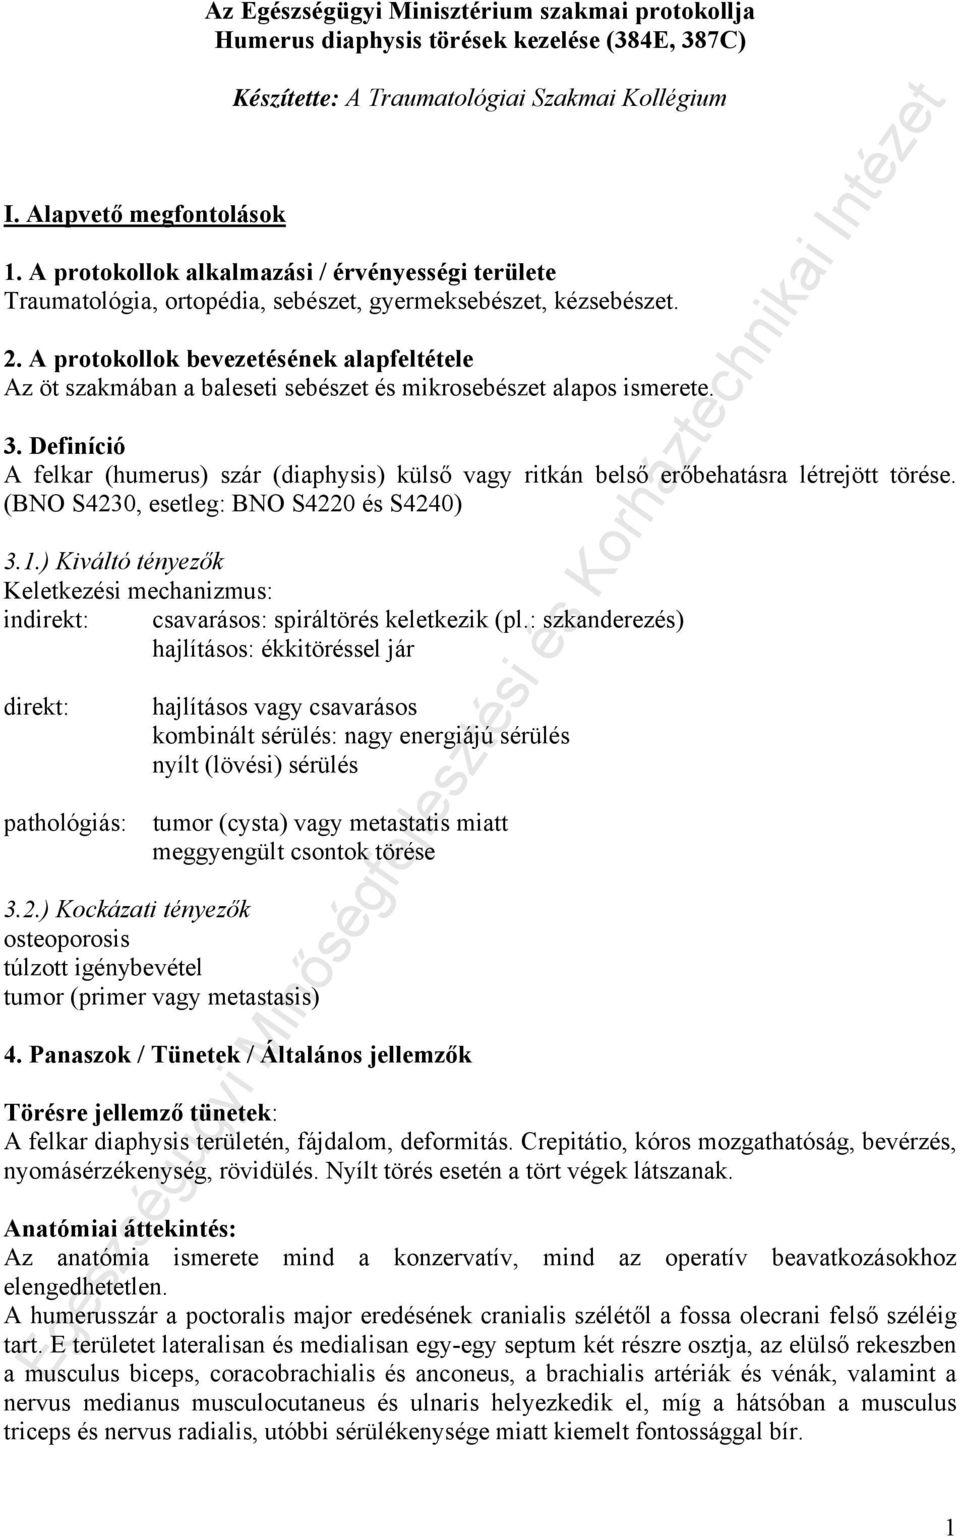 Aszcariasis fertőzés - Strongyloidosis és kezelés klinikai útmutató